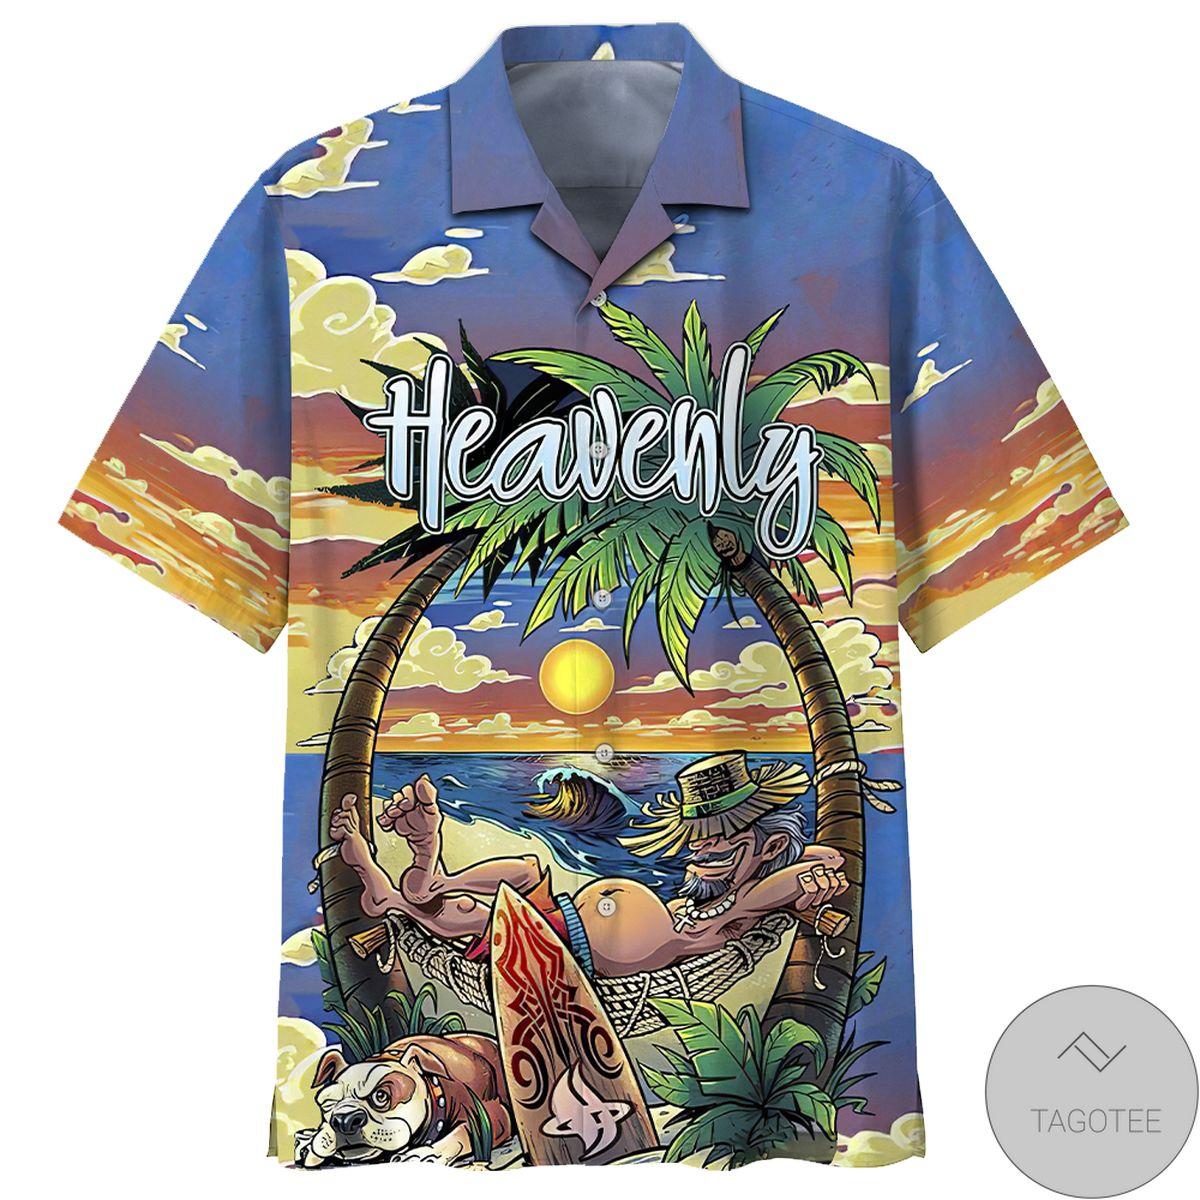 Heavenly Summer Beach Hawaiian Shirt